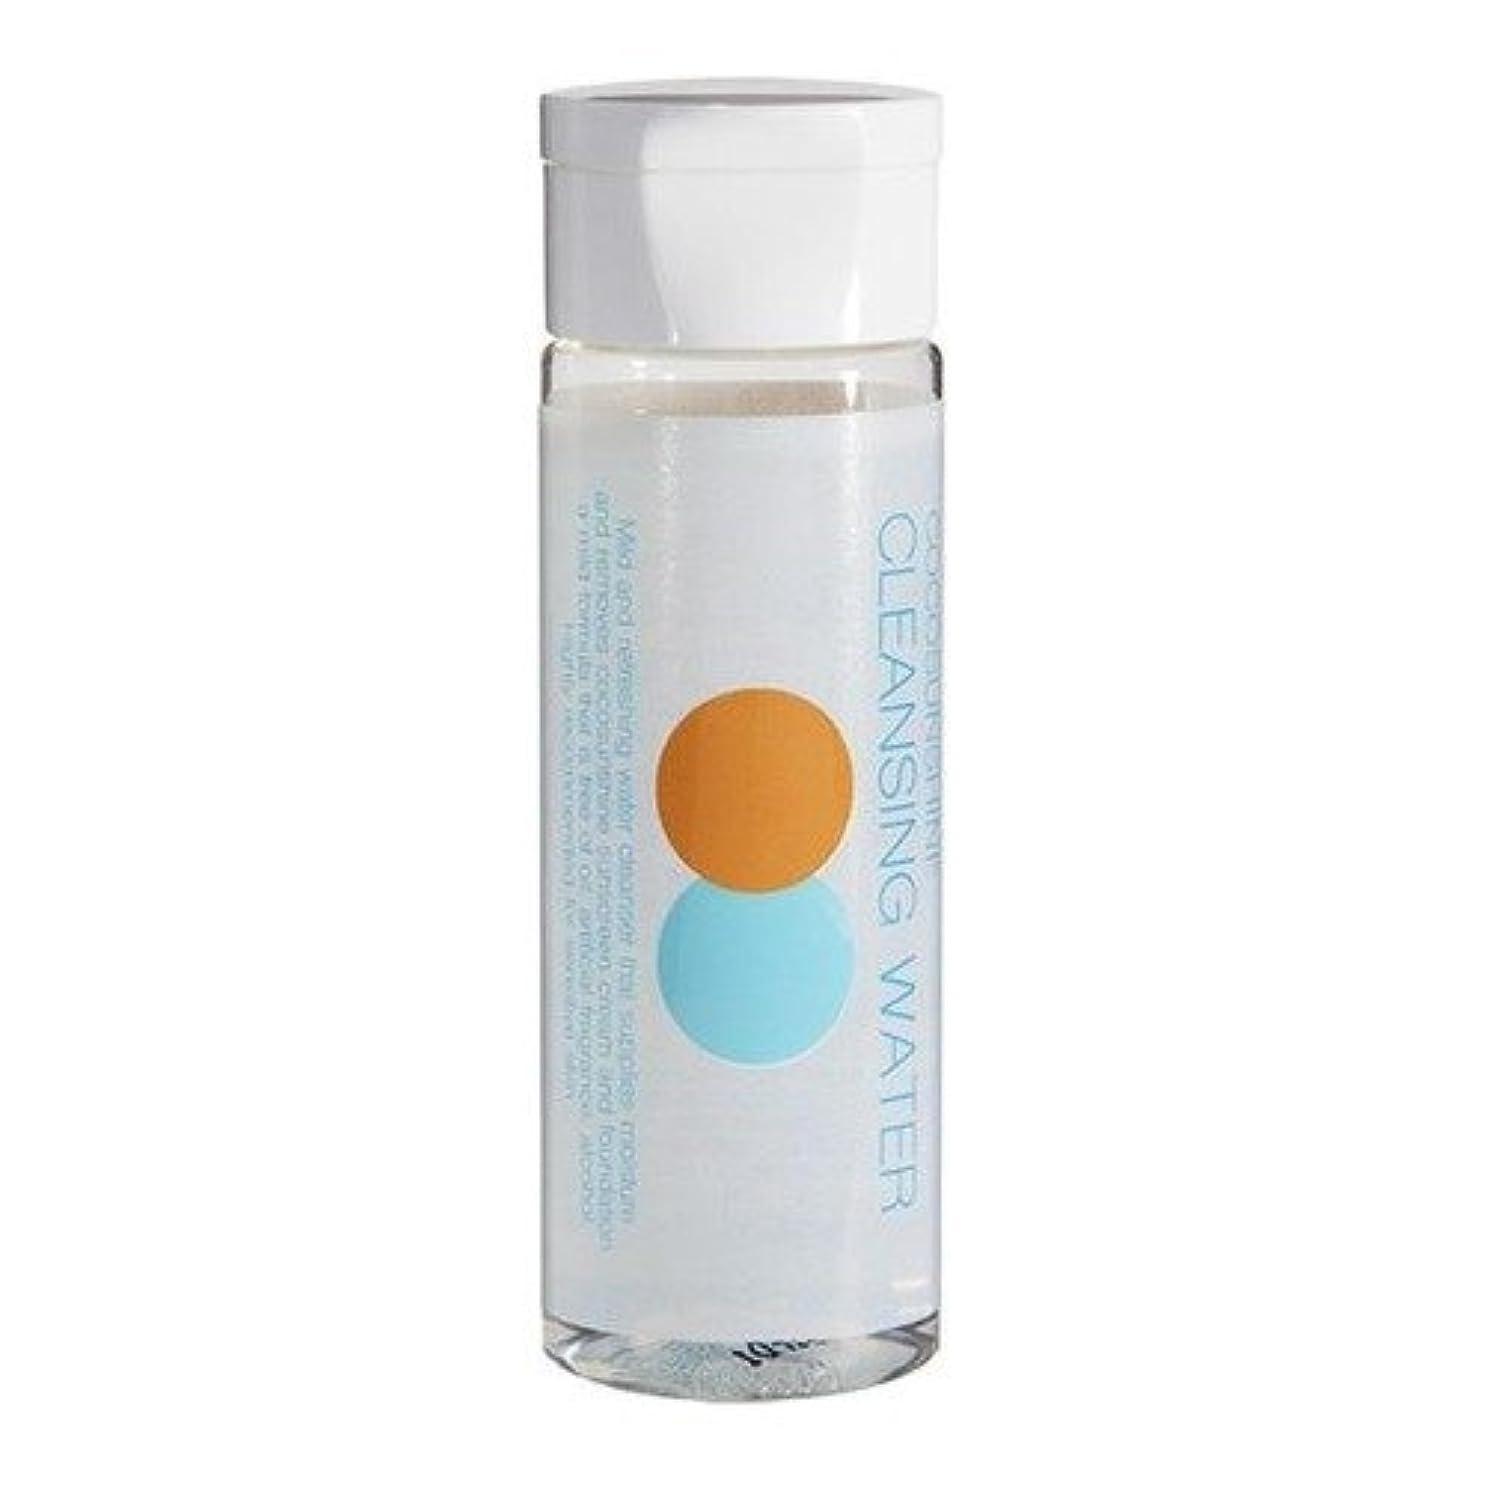 化学薬品解放れるSnipe ココサンシャイン クレンジングウォーター 化粧水ベースの日焼け止め用クレンジング 120ml